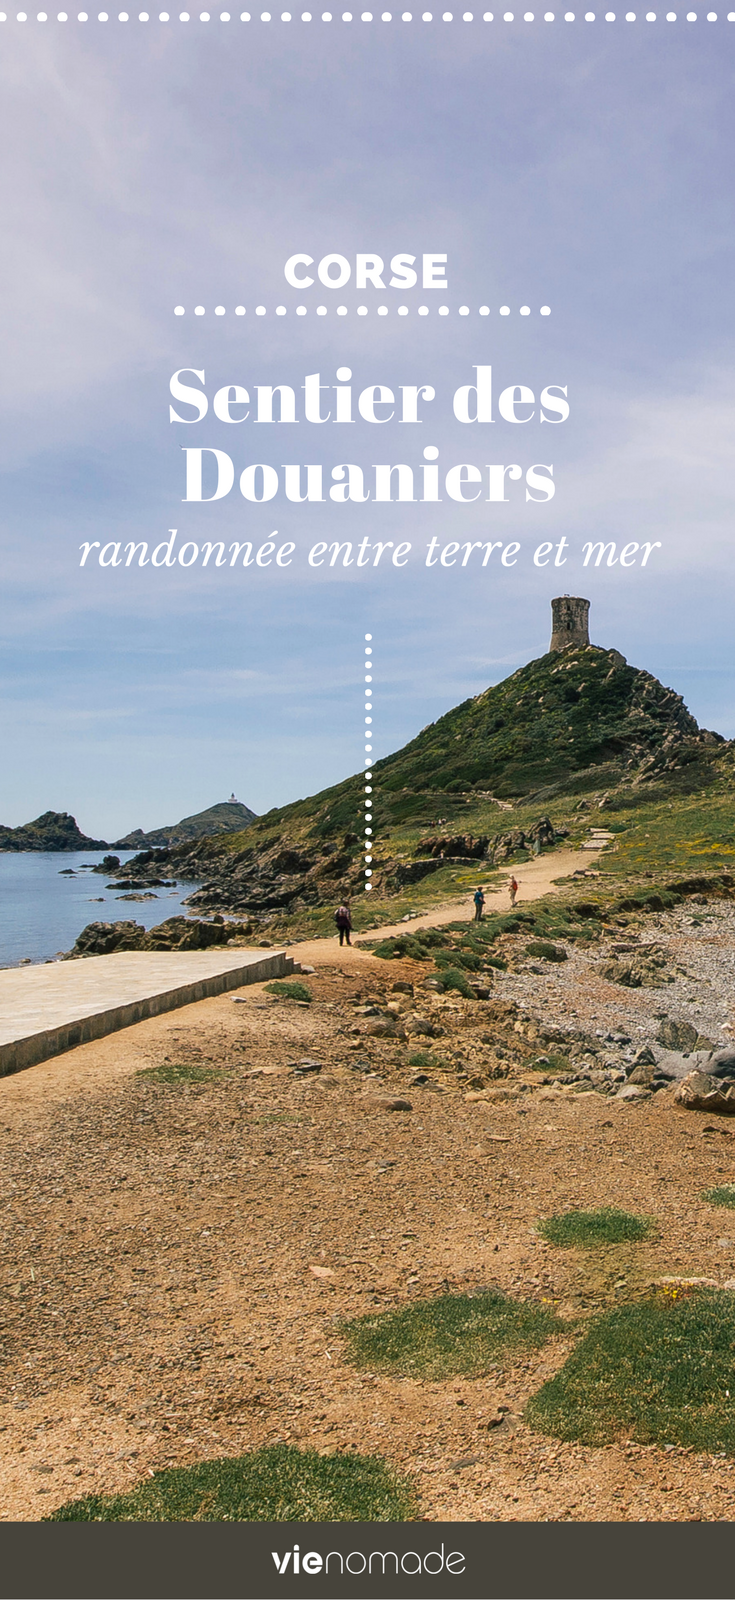 Randonner en Corse: le Sentier des Douaniers